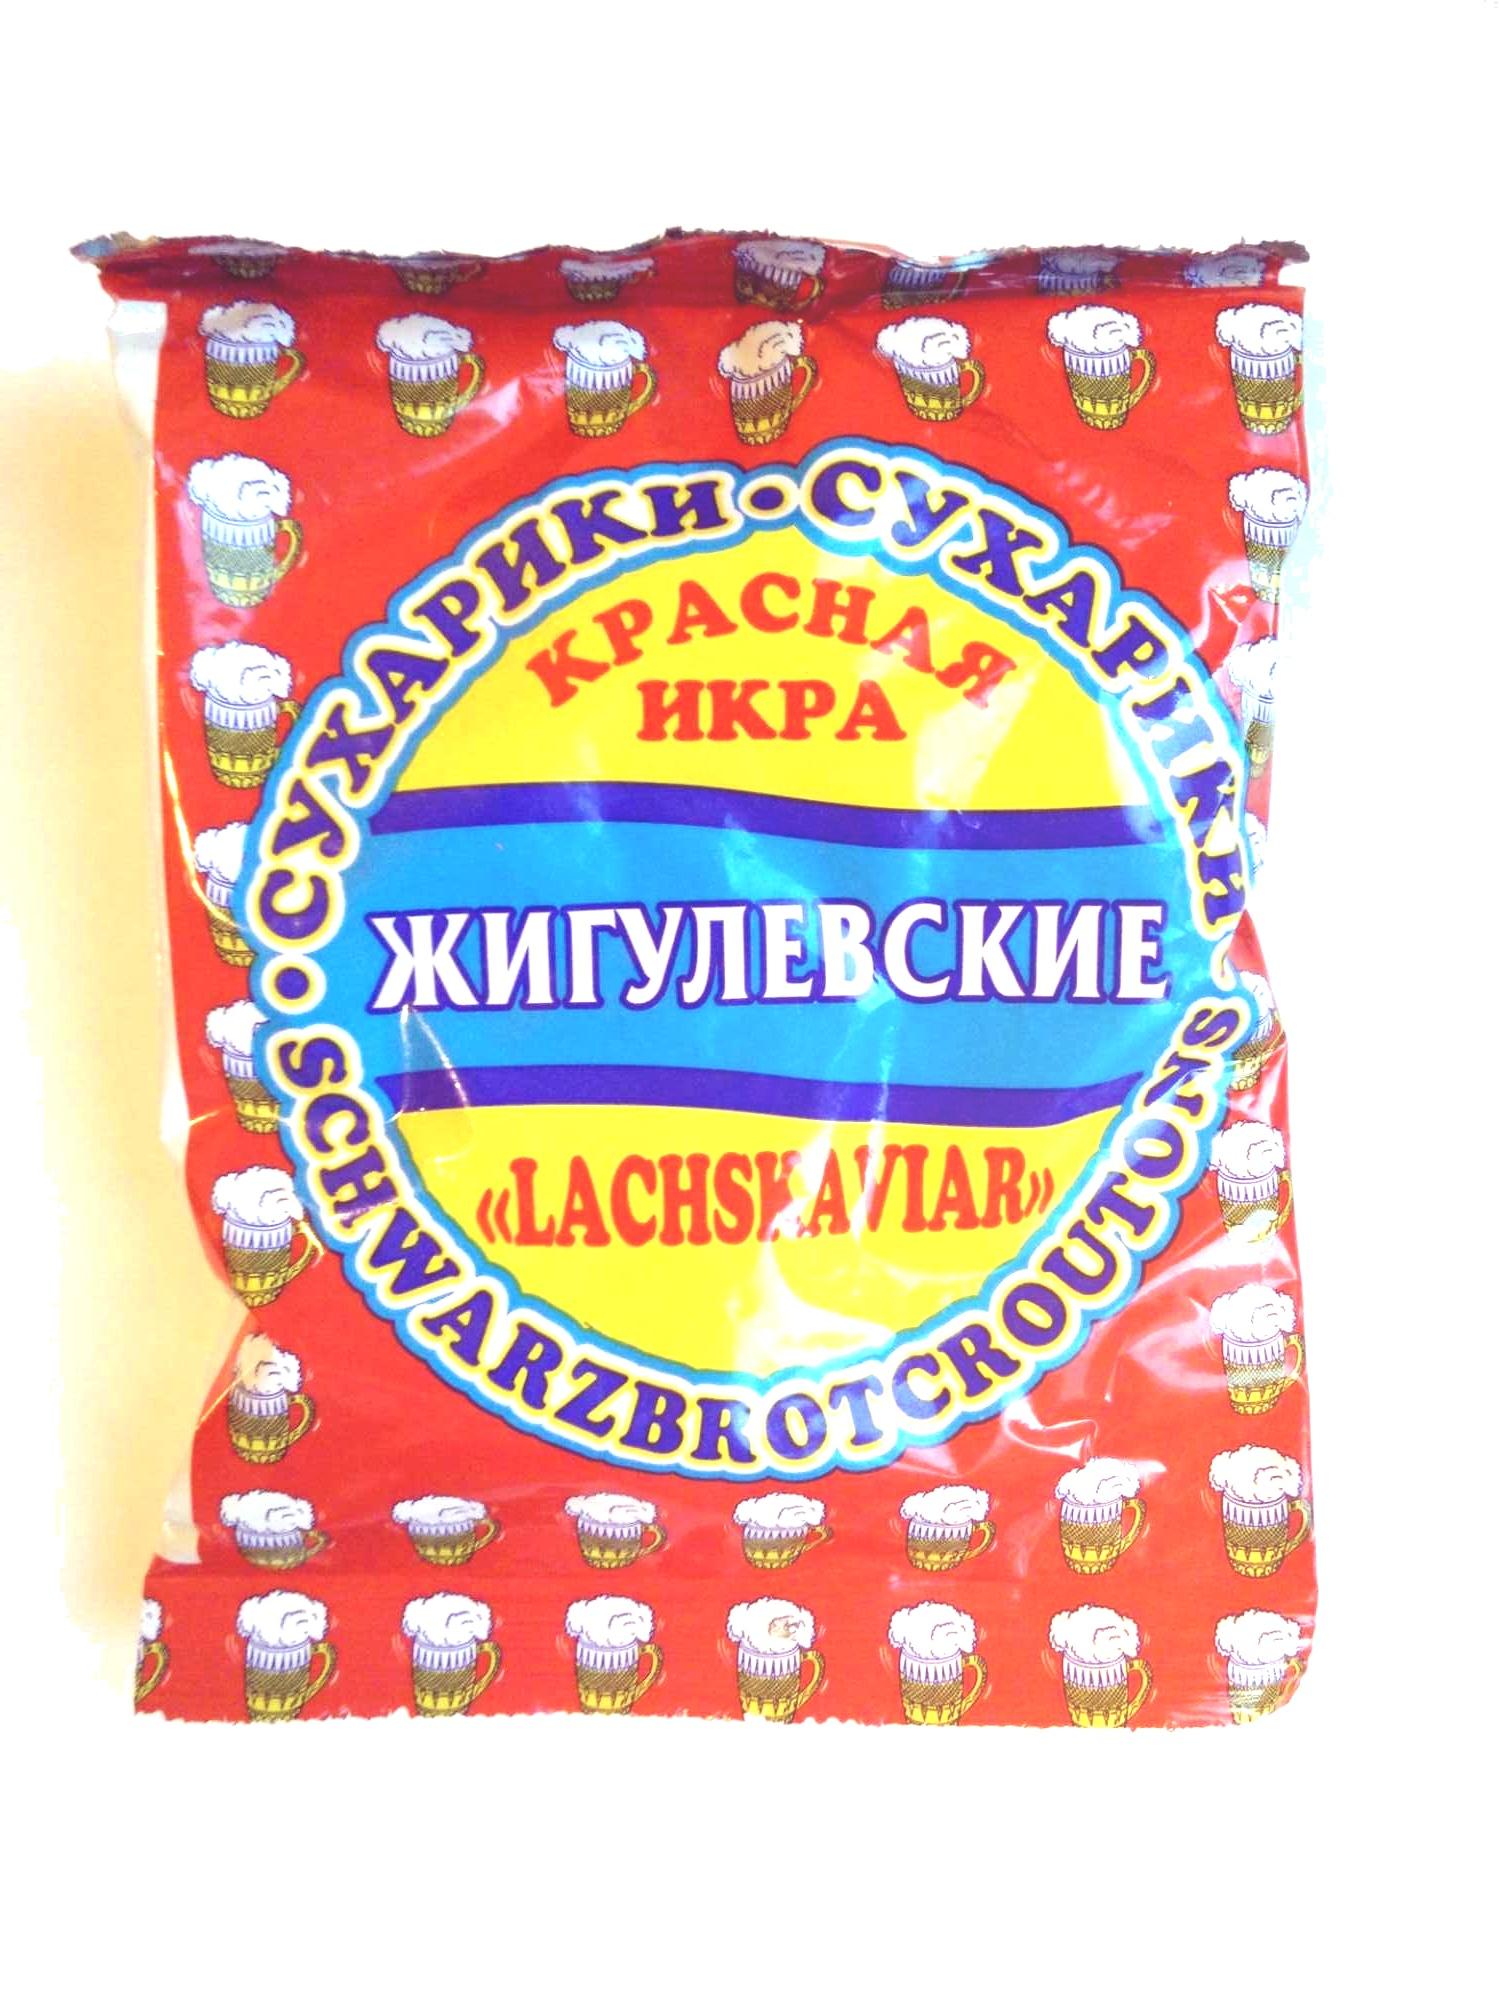 Сухарики Жигулевские - Продукт - ru